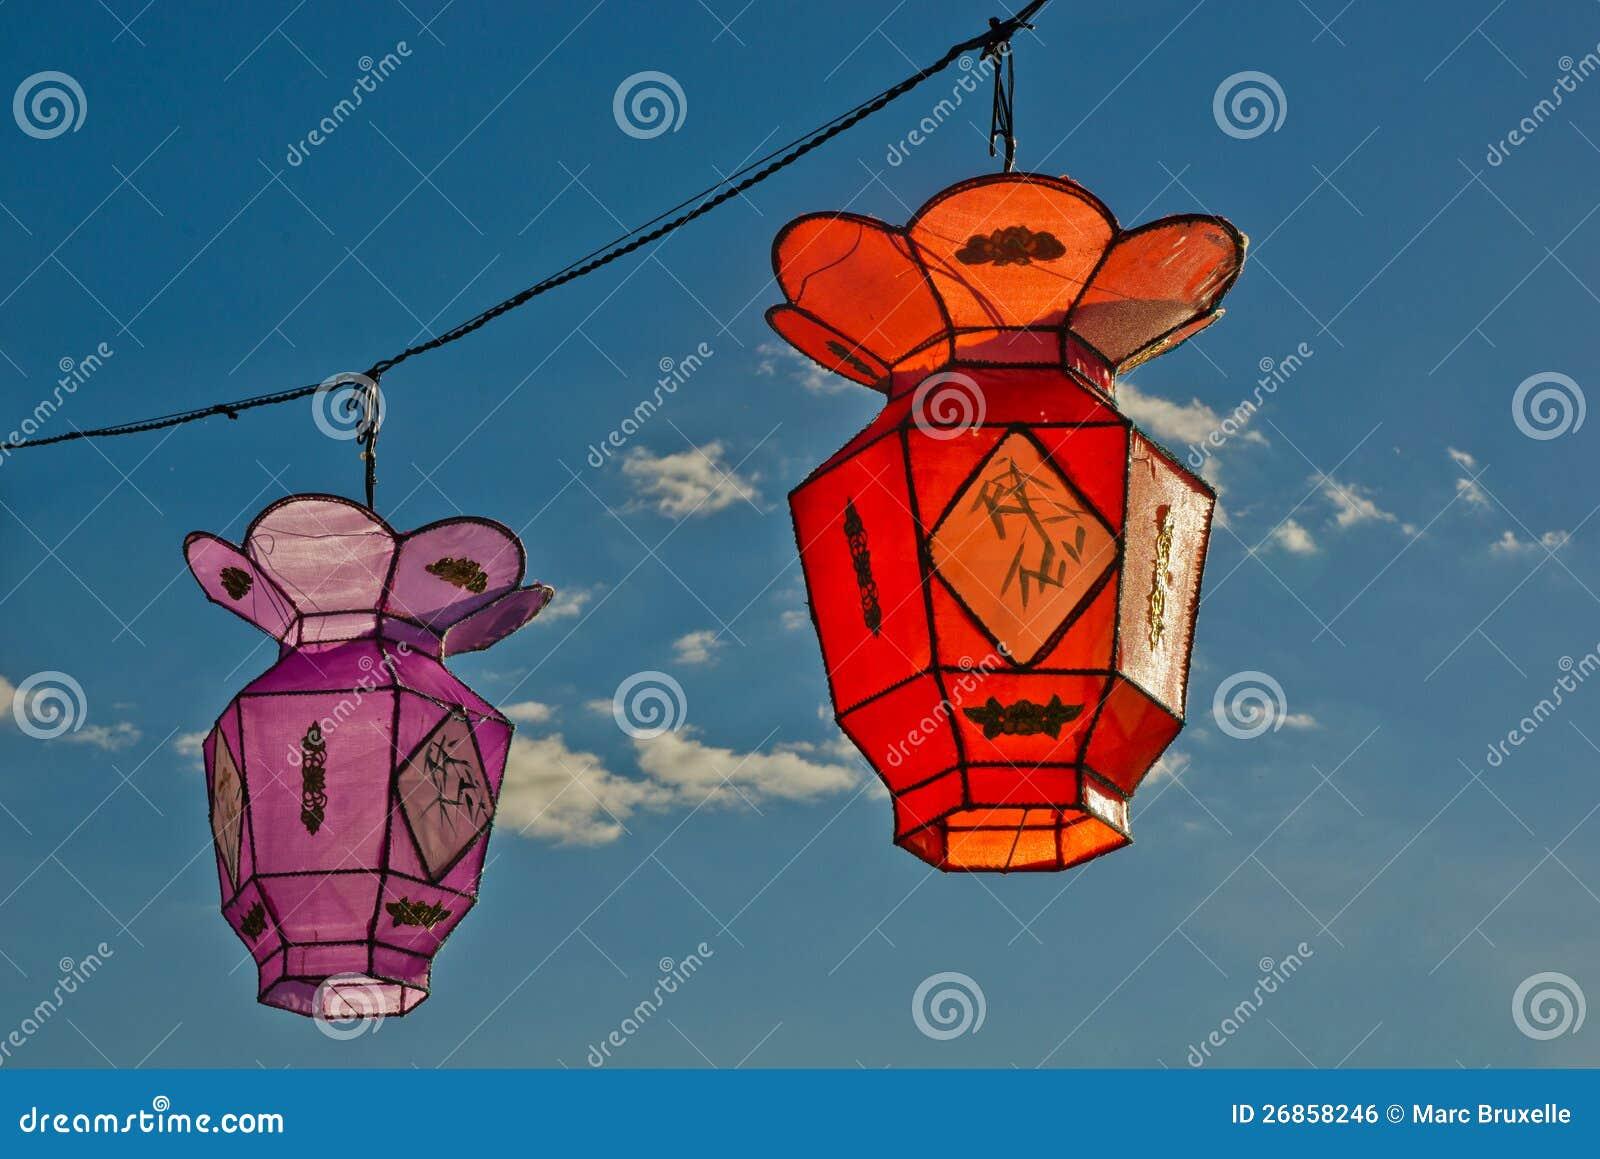 2 lampions chinois colorés